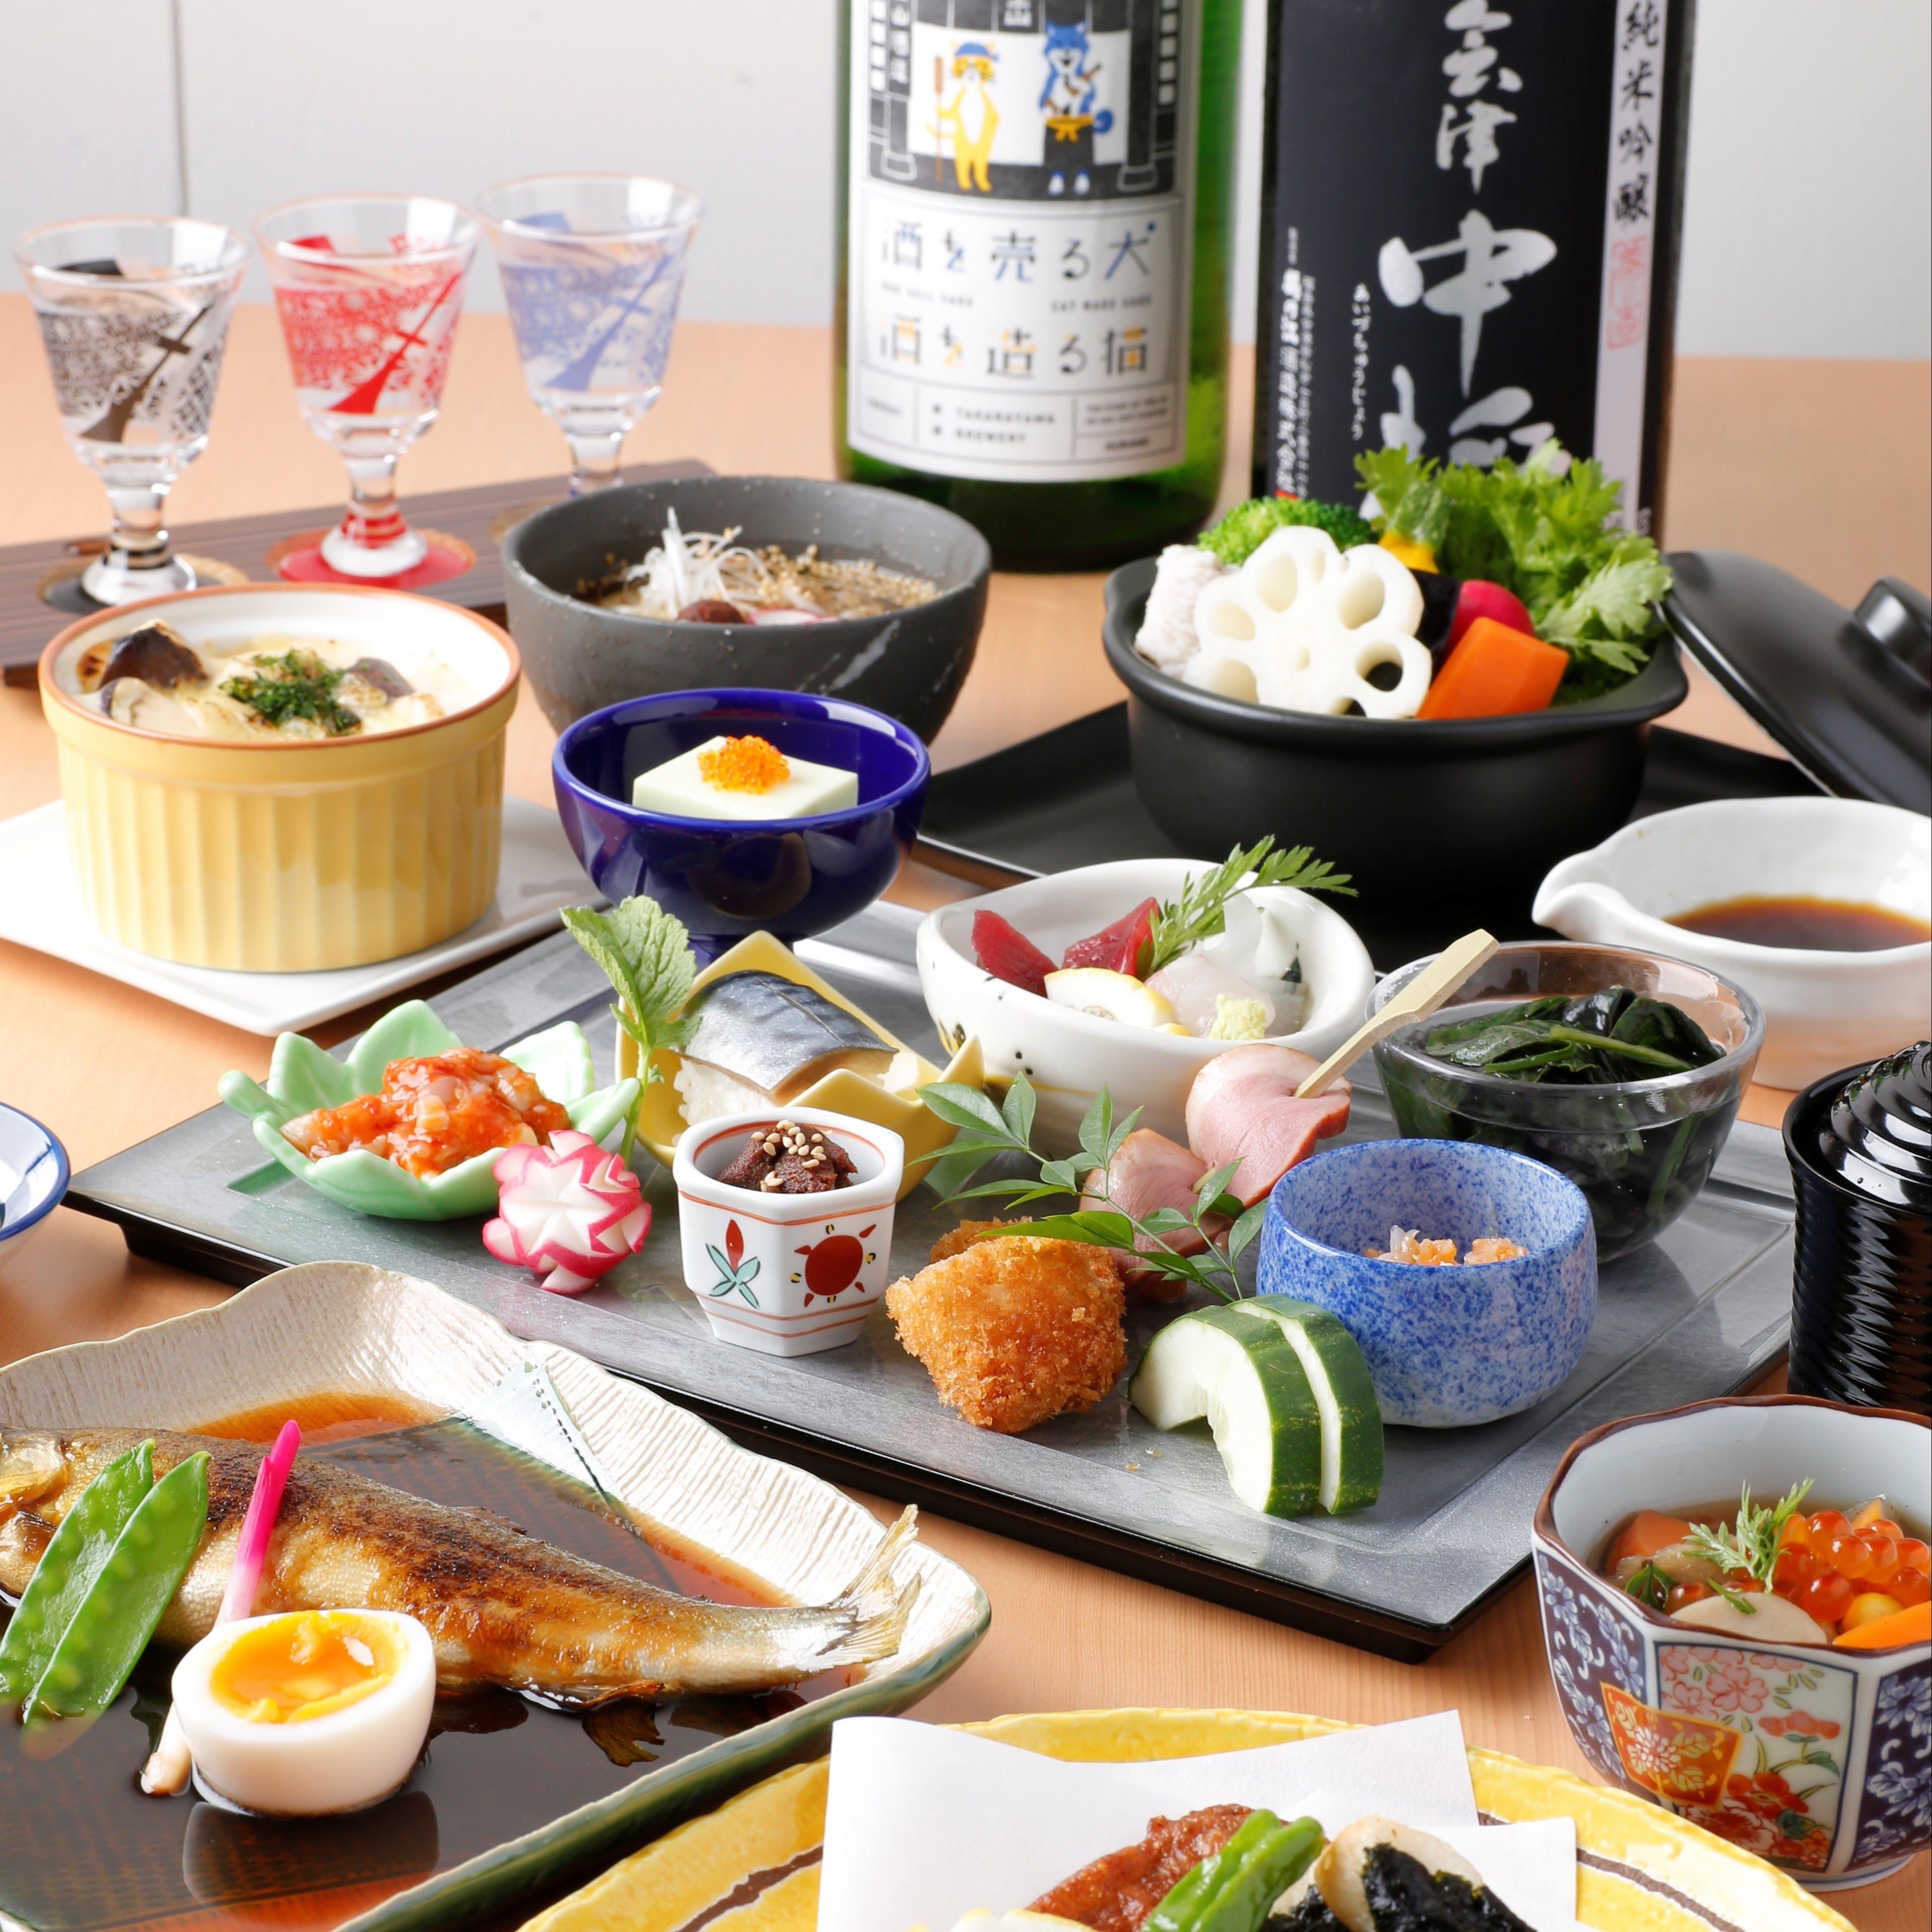 【和食日和】一流の料理人と厳選した食材による本物の和食をリーズナブルに